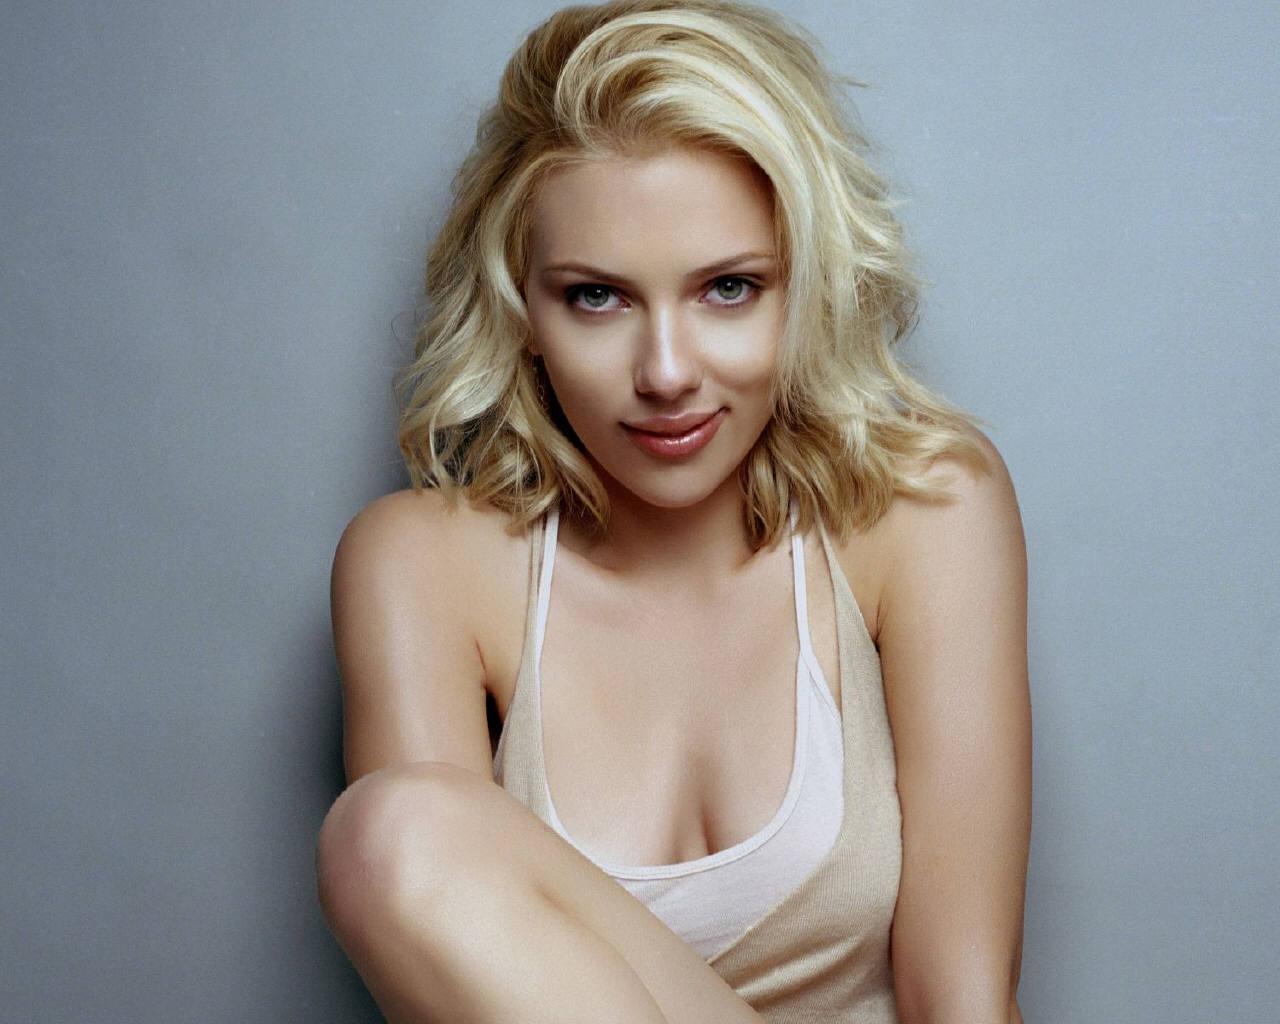 http://4.bp.blogspot.com/-NJUQm1E_brU/TbArMM7aayI/AAAAAAAAAOs/0xsV2G_3vzI/s1600/Scarlett+Johansson4.jpg